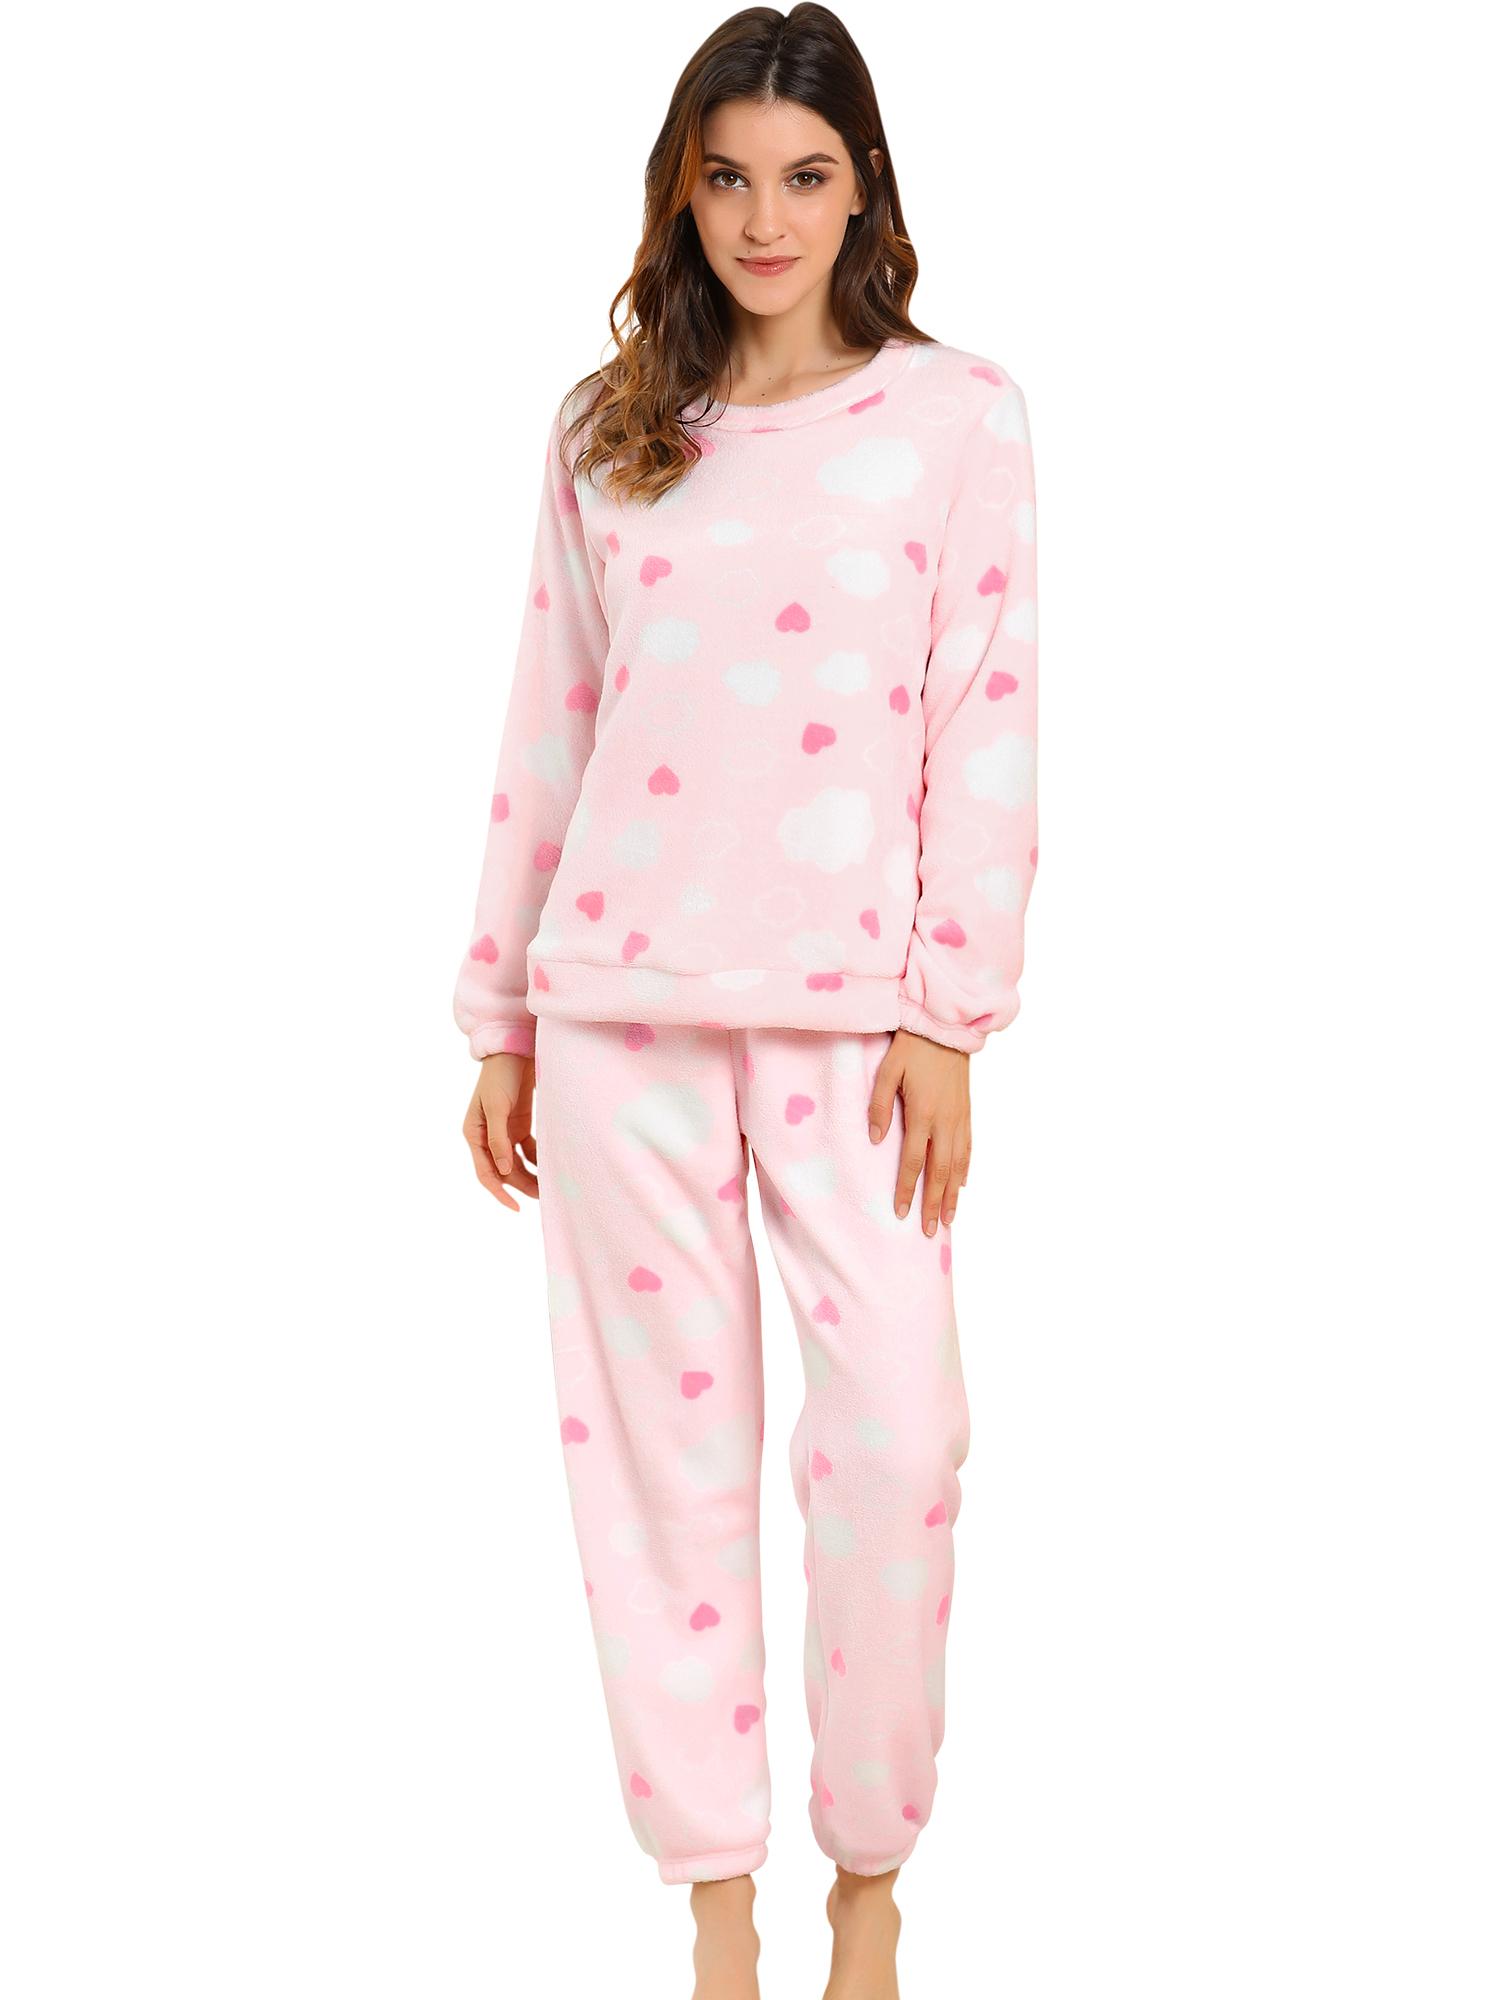 Winter Flannel Pajama Sets for Women Long Sleeve Nightwear Small Heart Pink